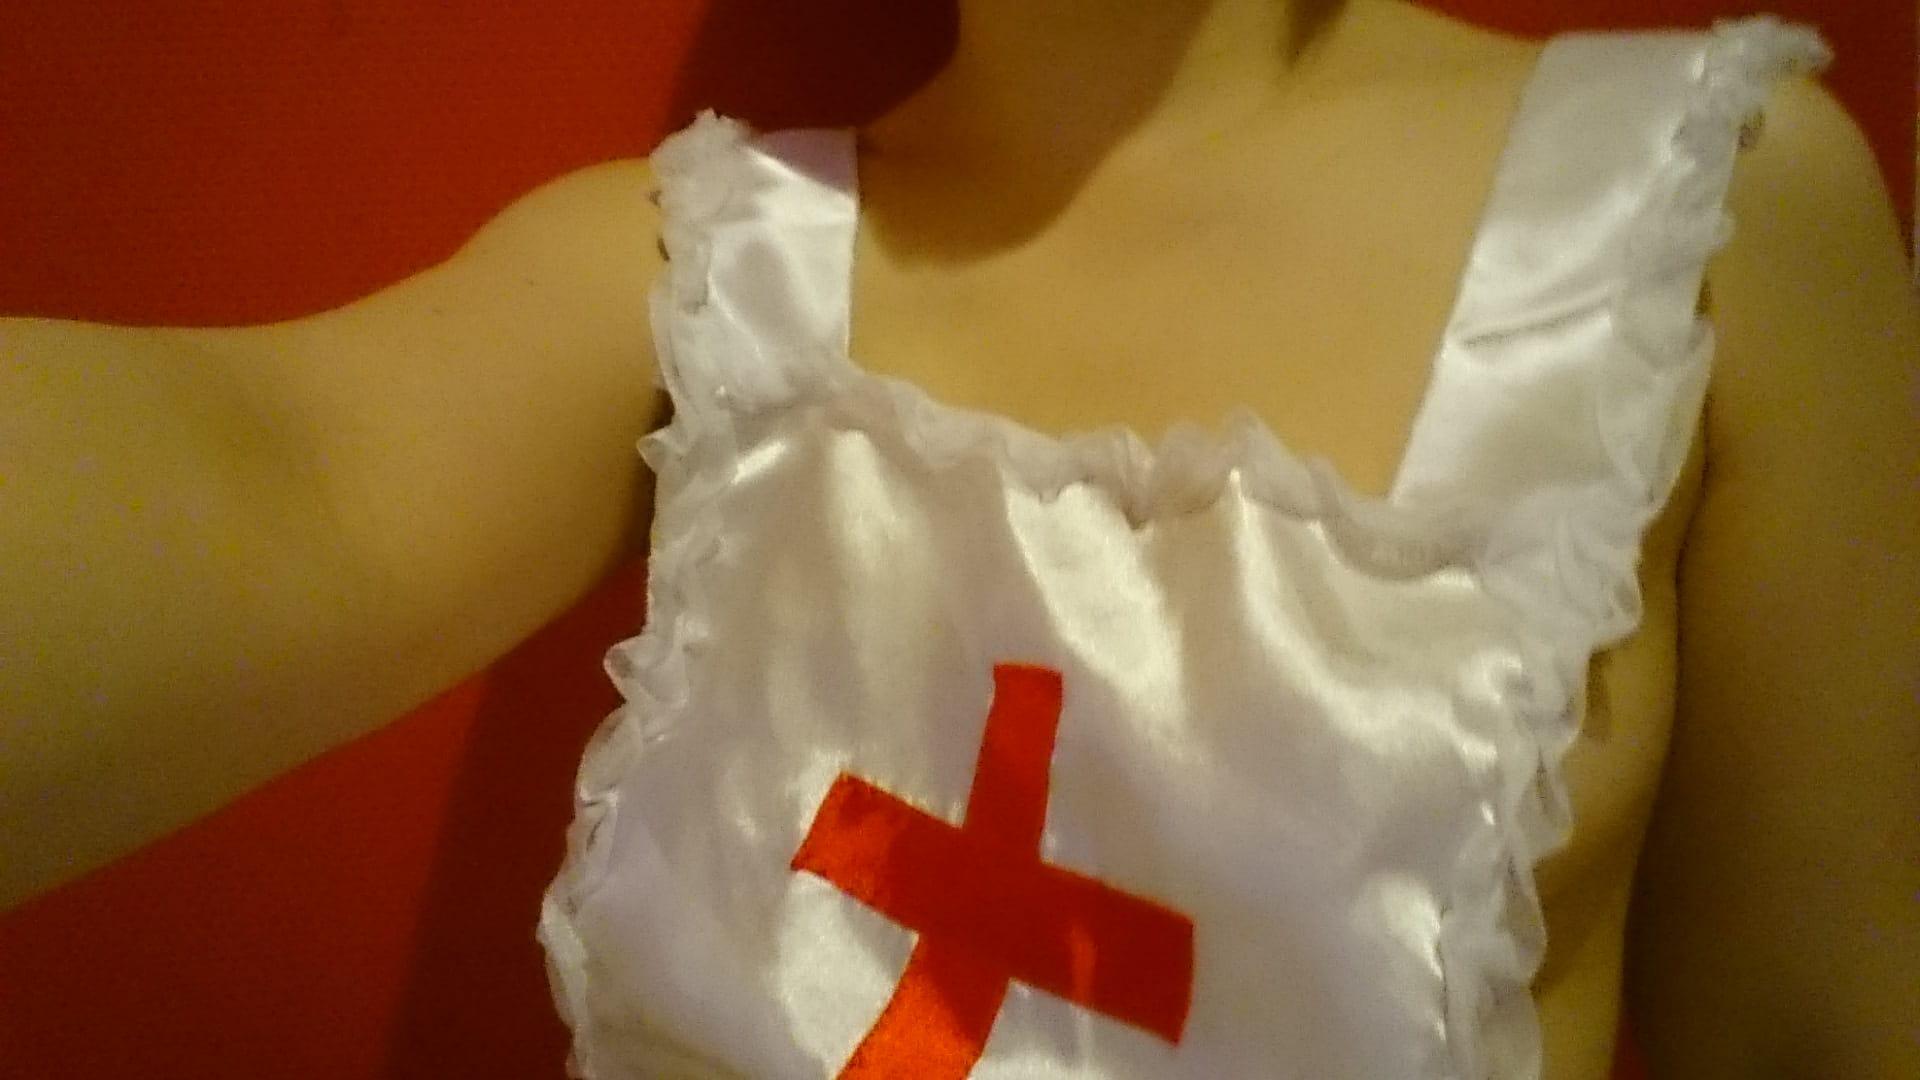 「ナースエプロン♡」12/13(12/13) 17:45 | あいらの写メ・風俗動画